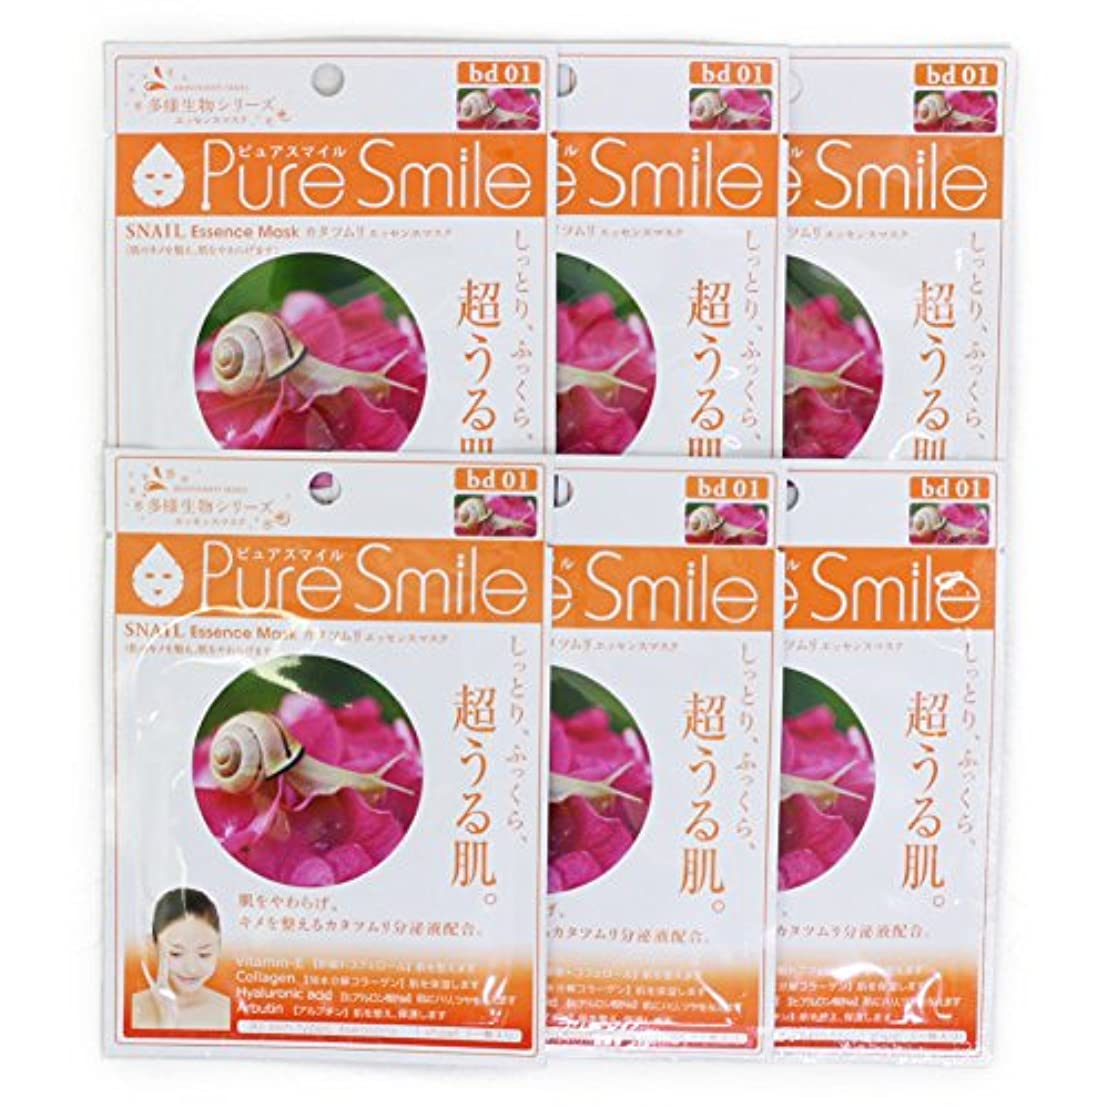 思い出す照らす喜劇Pure Smile ピュアスマイル 多様生物エッセンスマスク カタツムリ 6枚セット